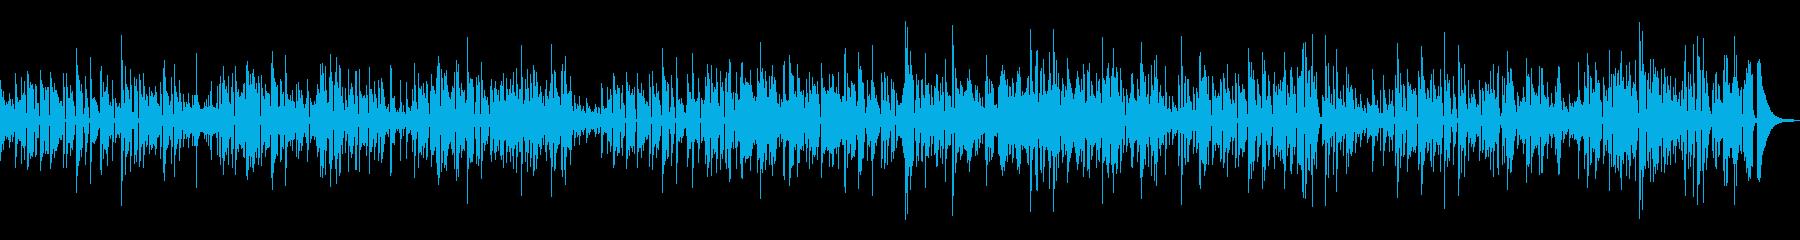 お洒落なカフェ ジャズギターDuoの再生済みの波形